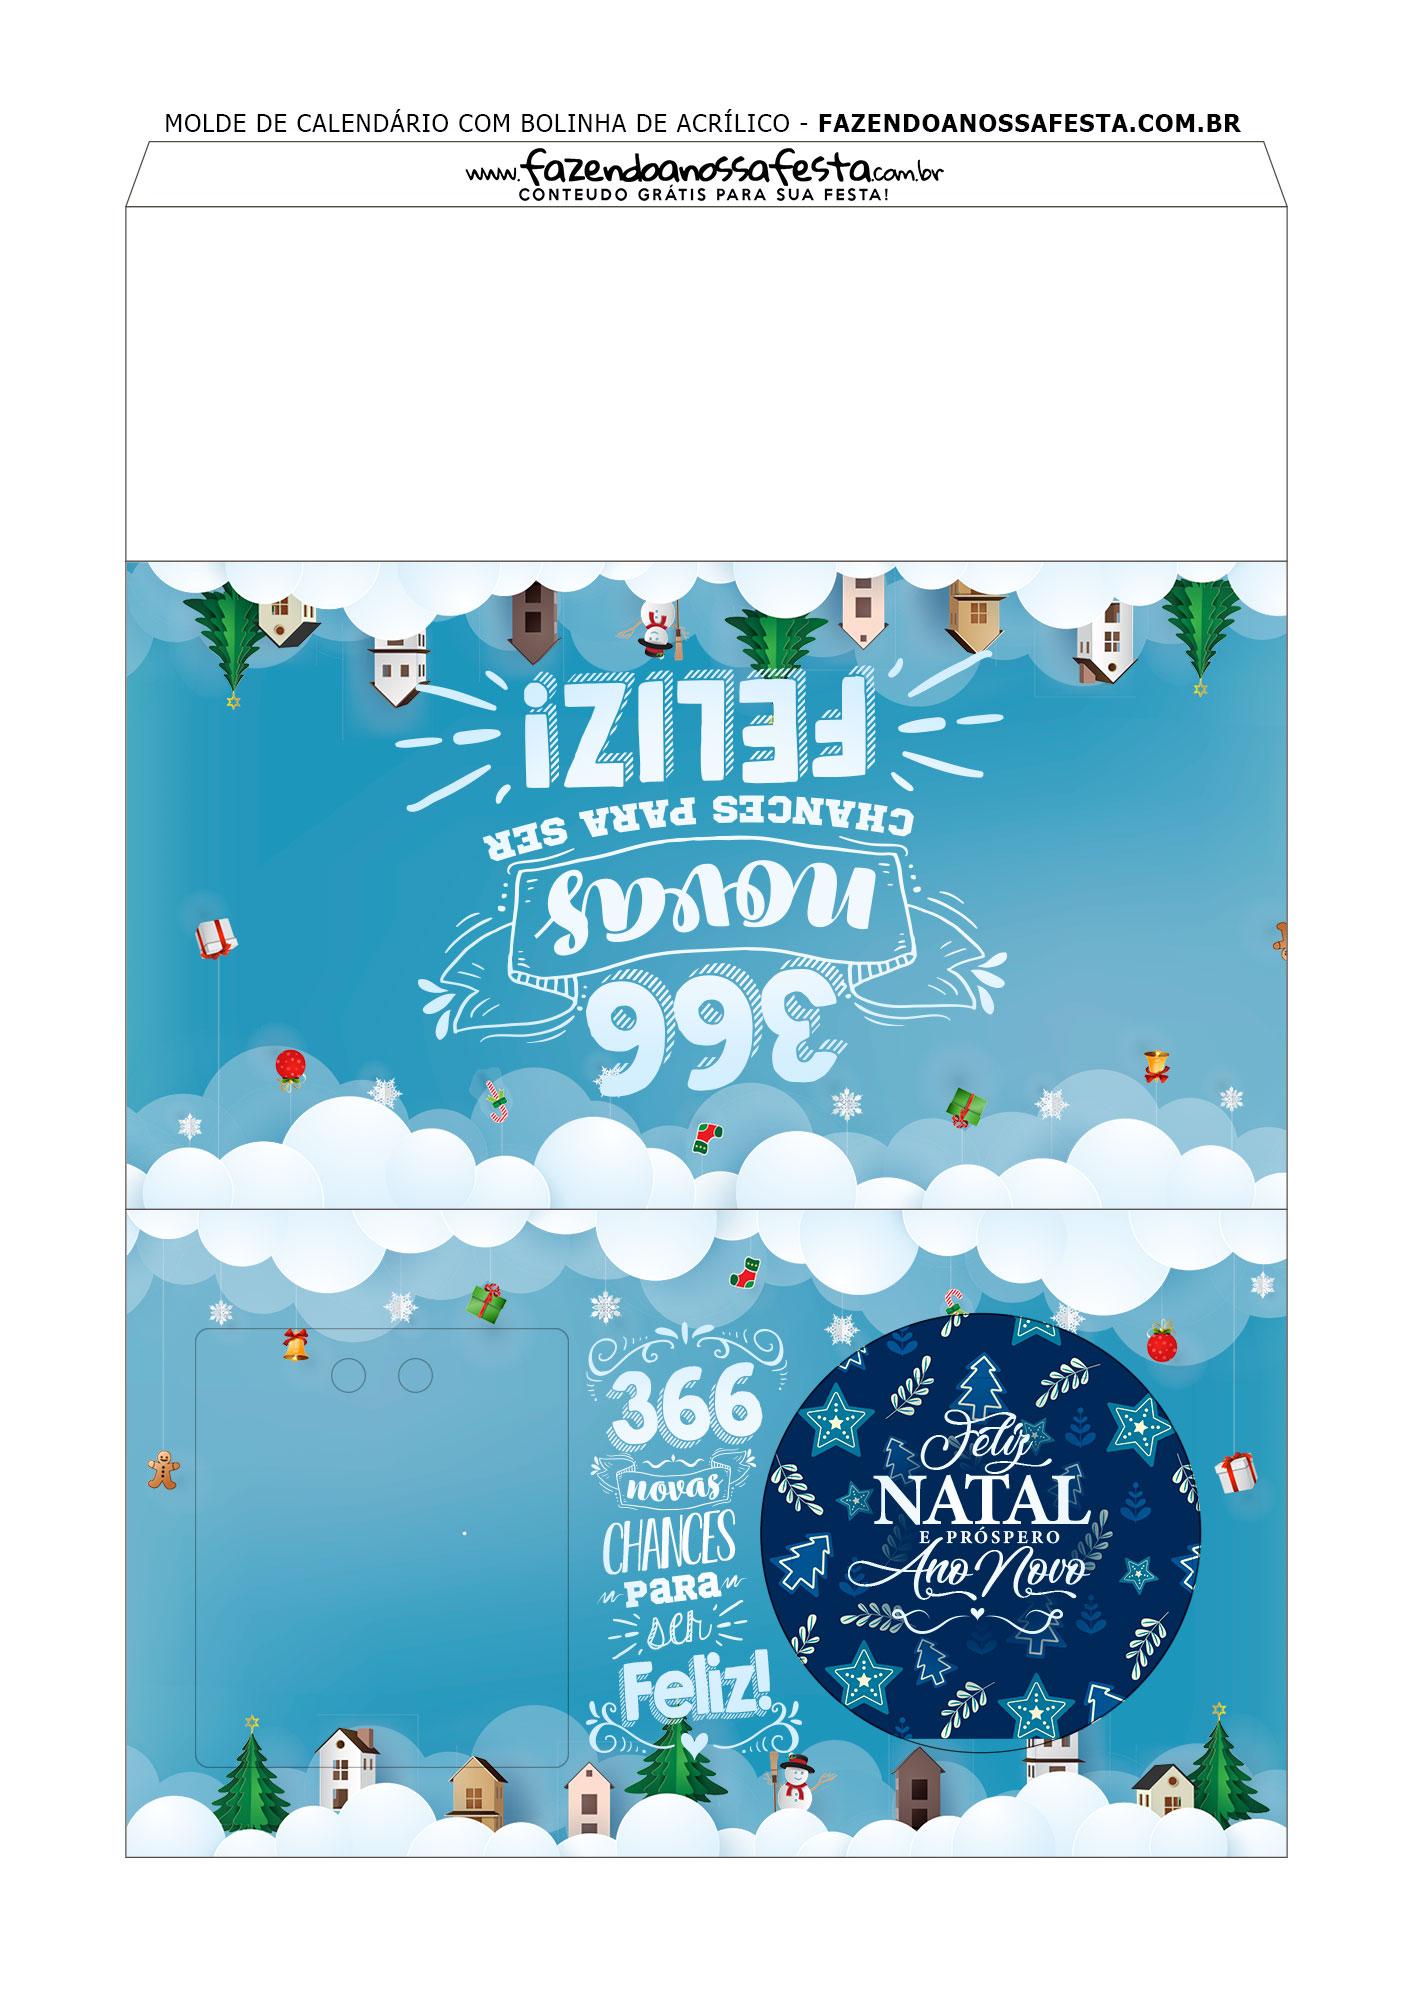 Bolinhas de Natal com calendário Personalizado 2